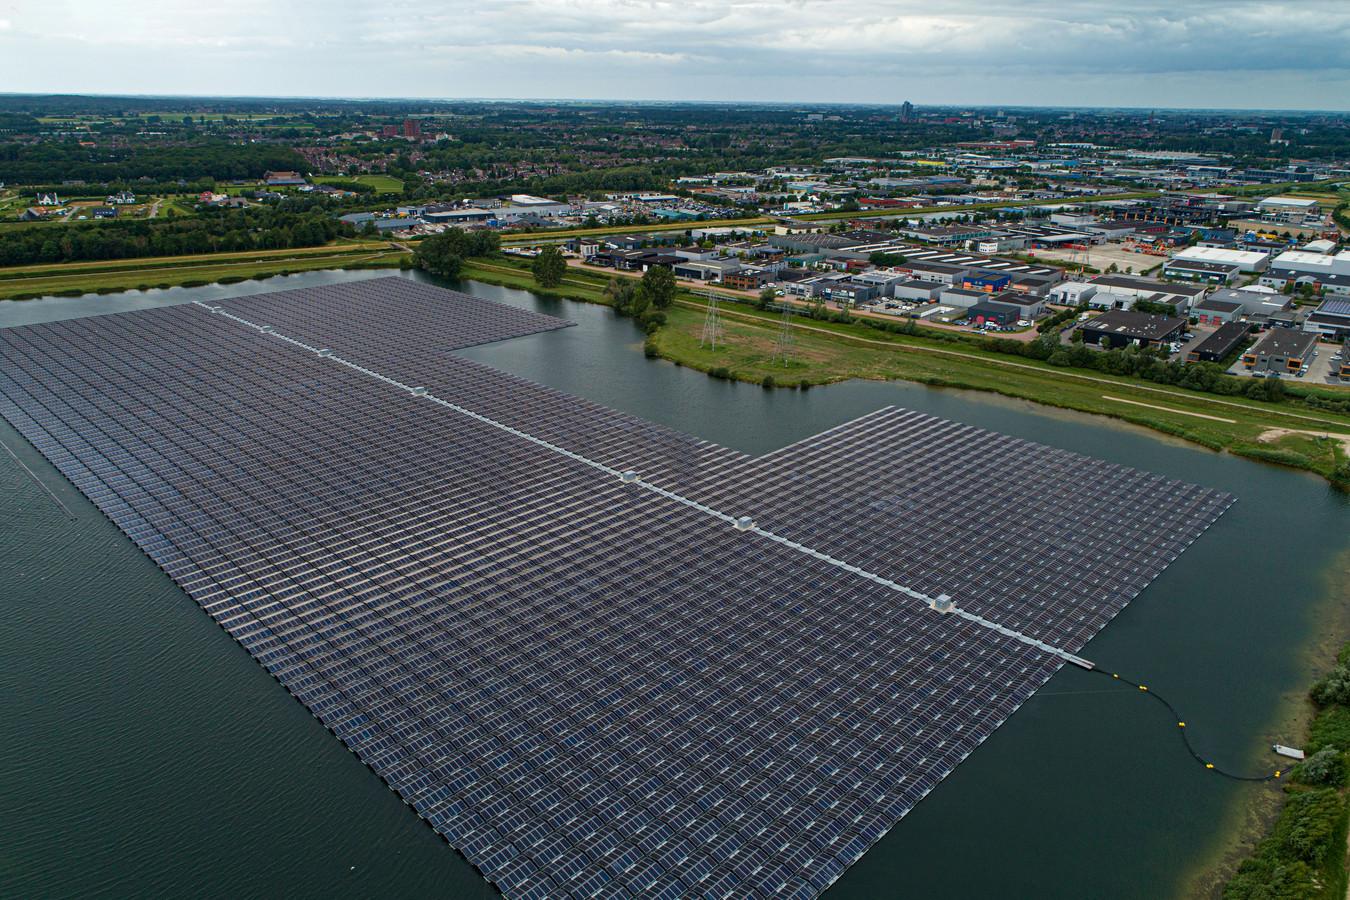 De Sekdoornse Plas ligt voor maximaal 30 procent bedekt met zonnepanelen.